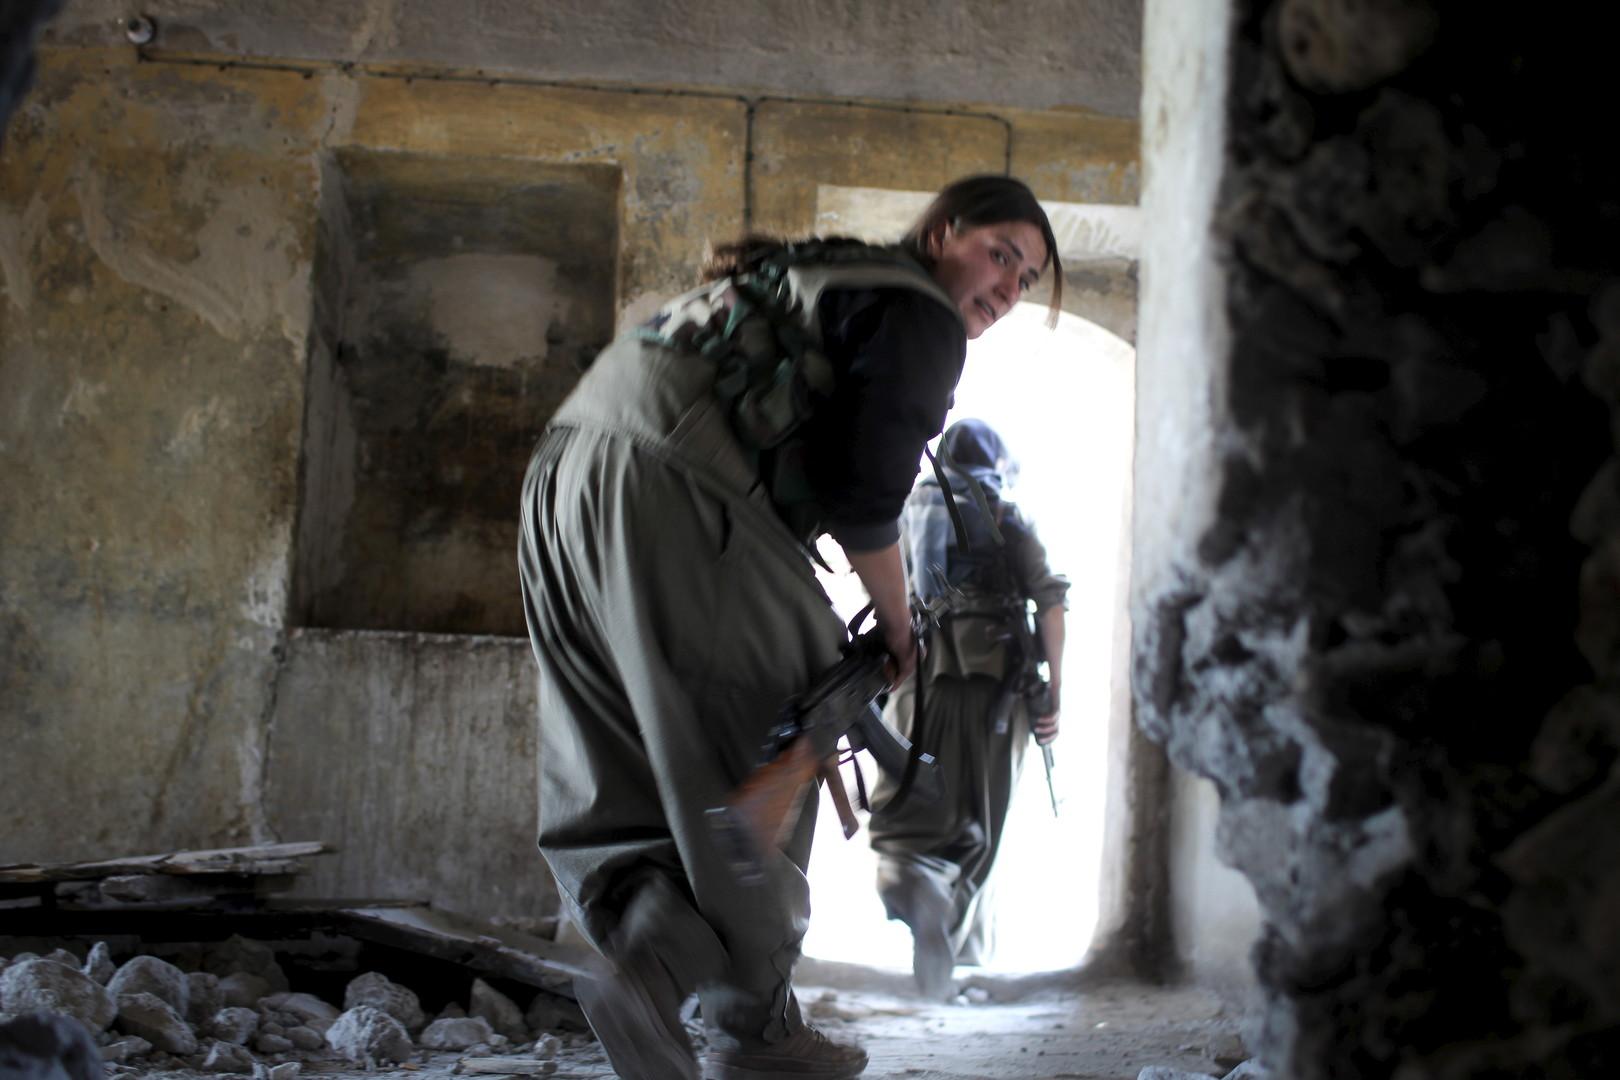 Kämpferinnen auf dem Weg an die Front in einem zerschossenen Gebäude.